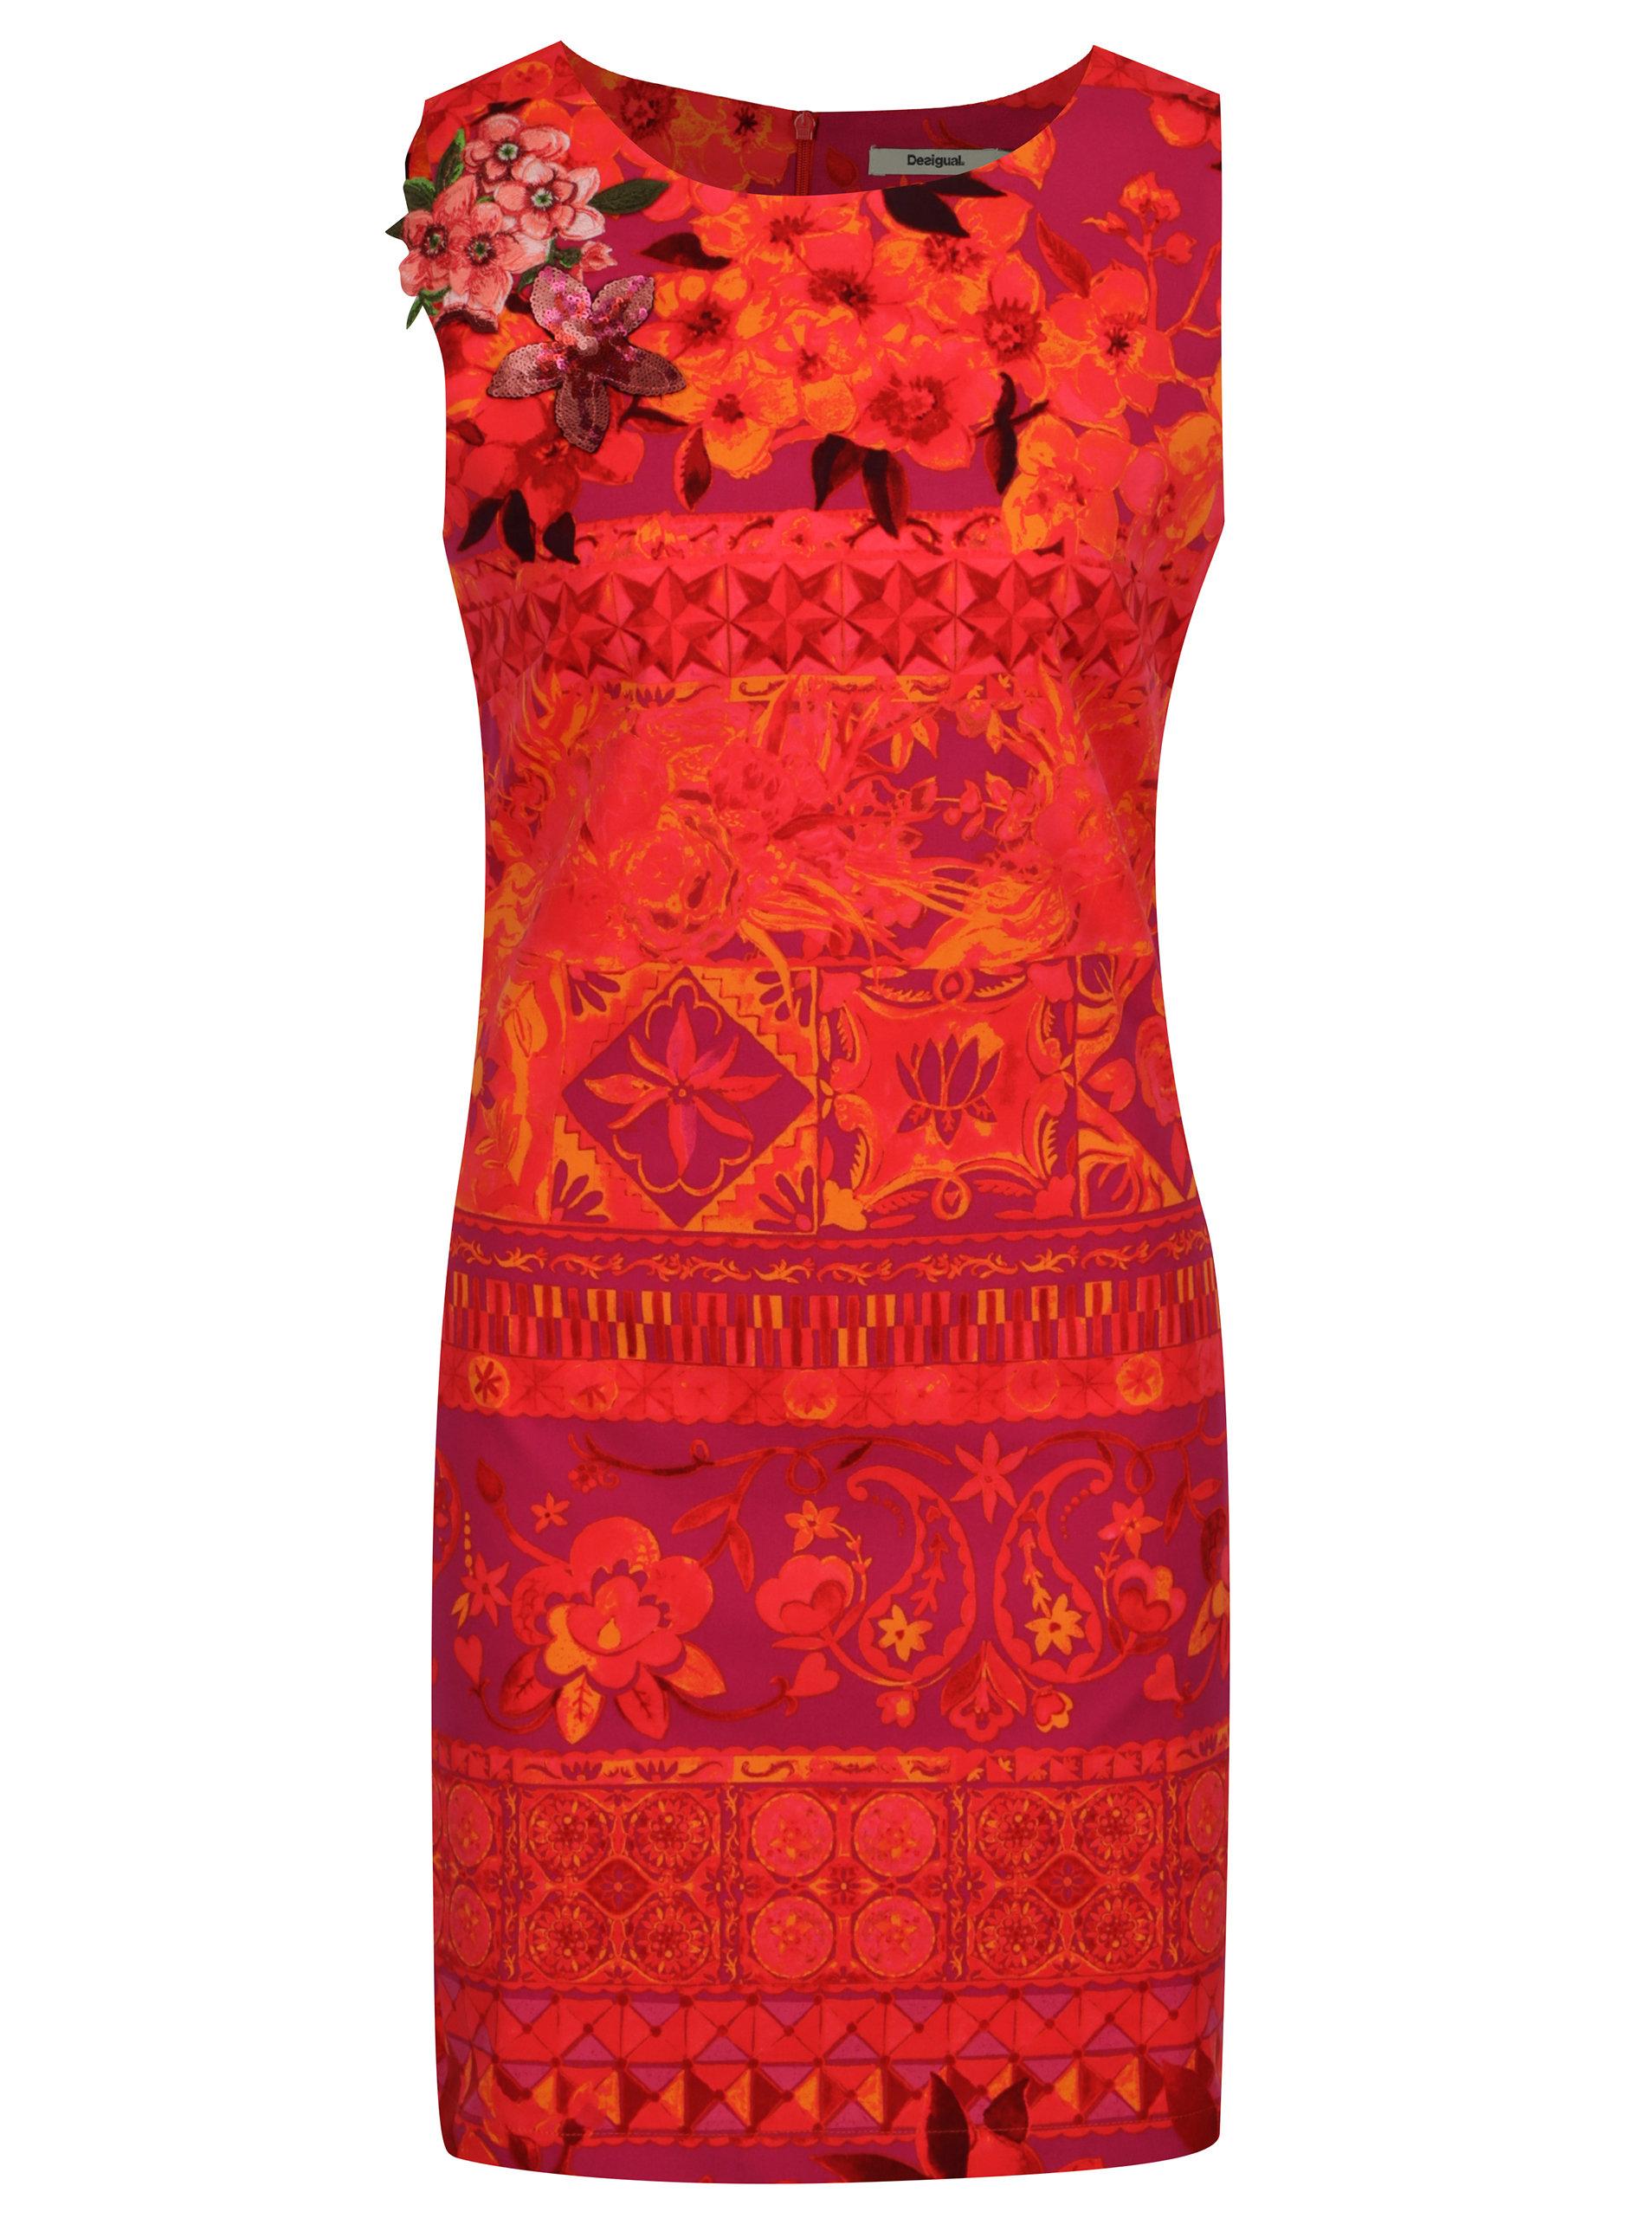 Fialovo-oranžové šaty Desigual Angelina ... 7fdbf96ae54